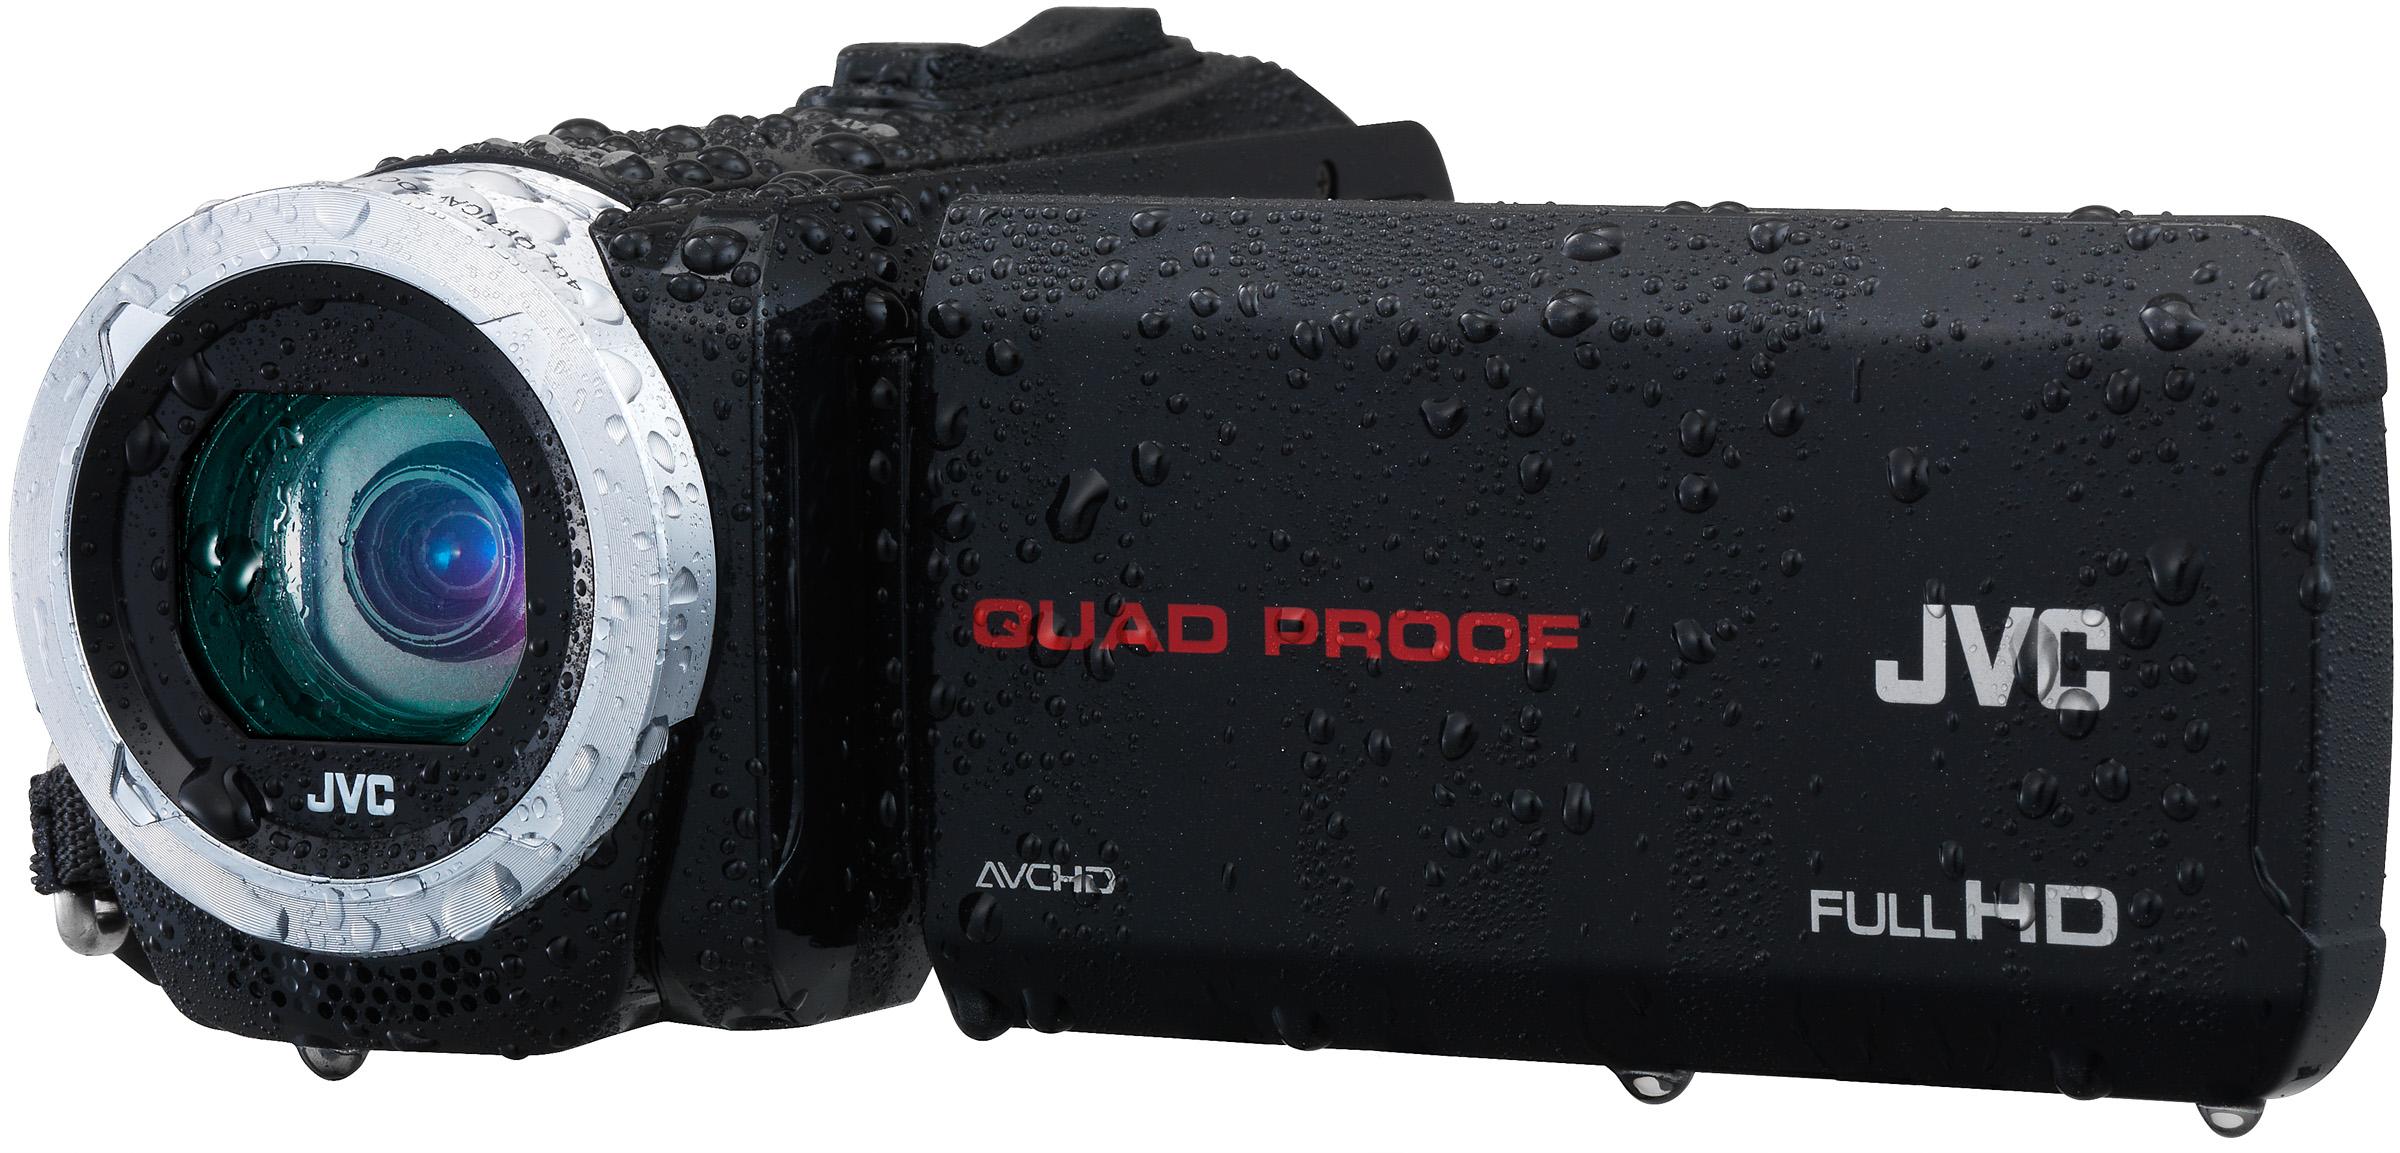 Outdoor Gear JVC CES Cameras